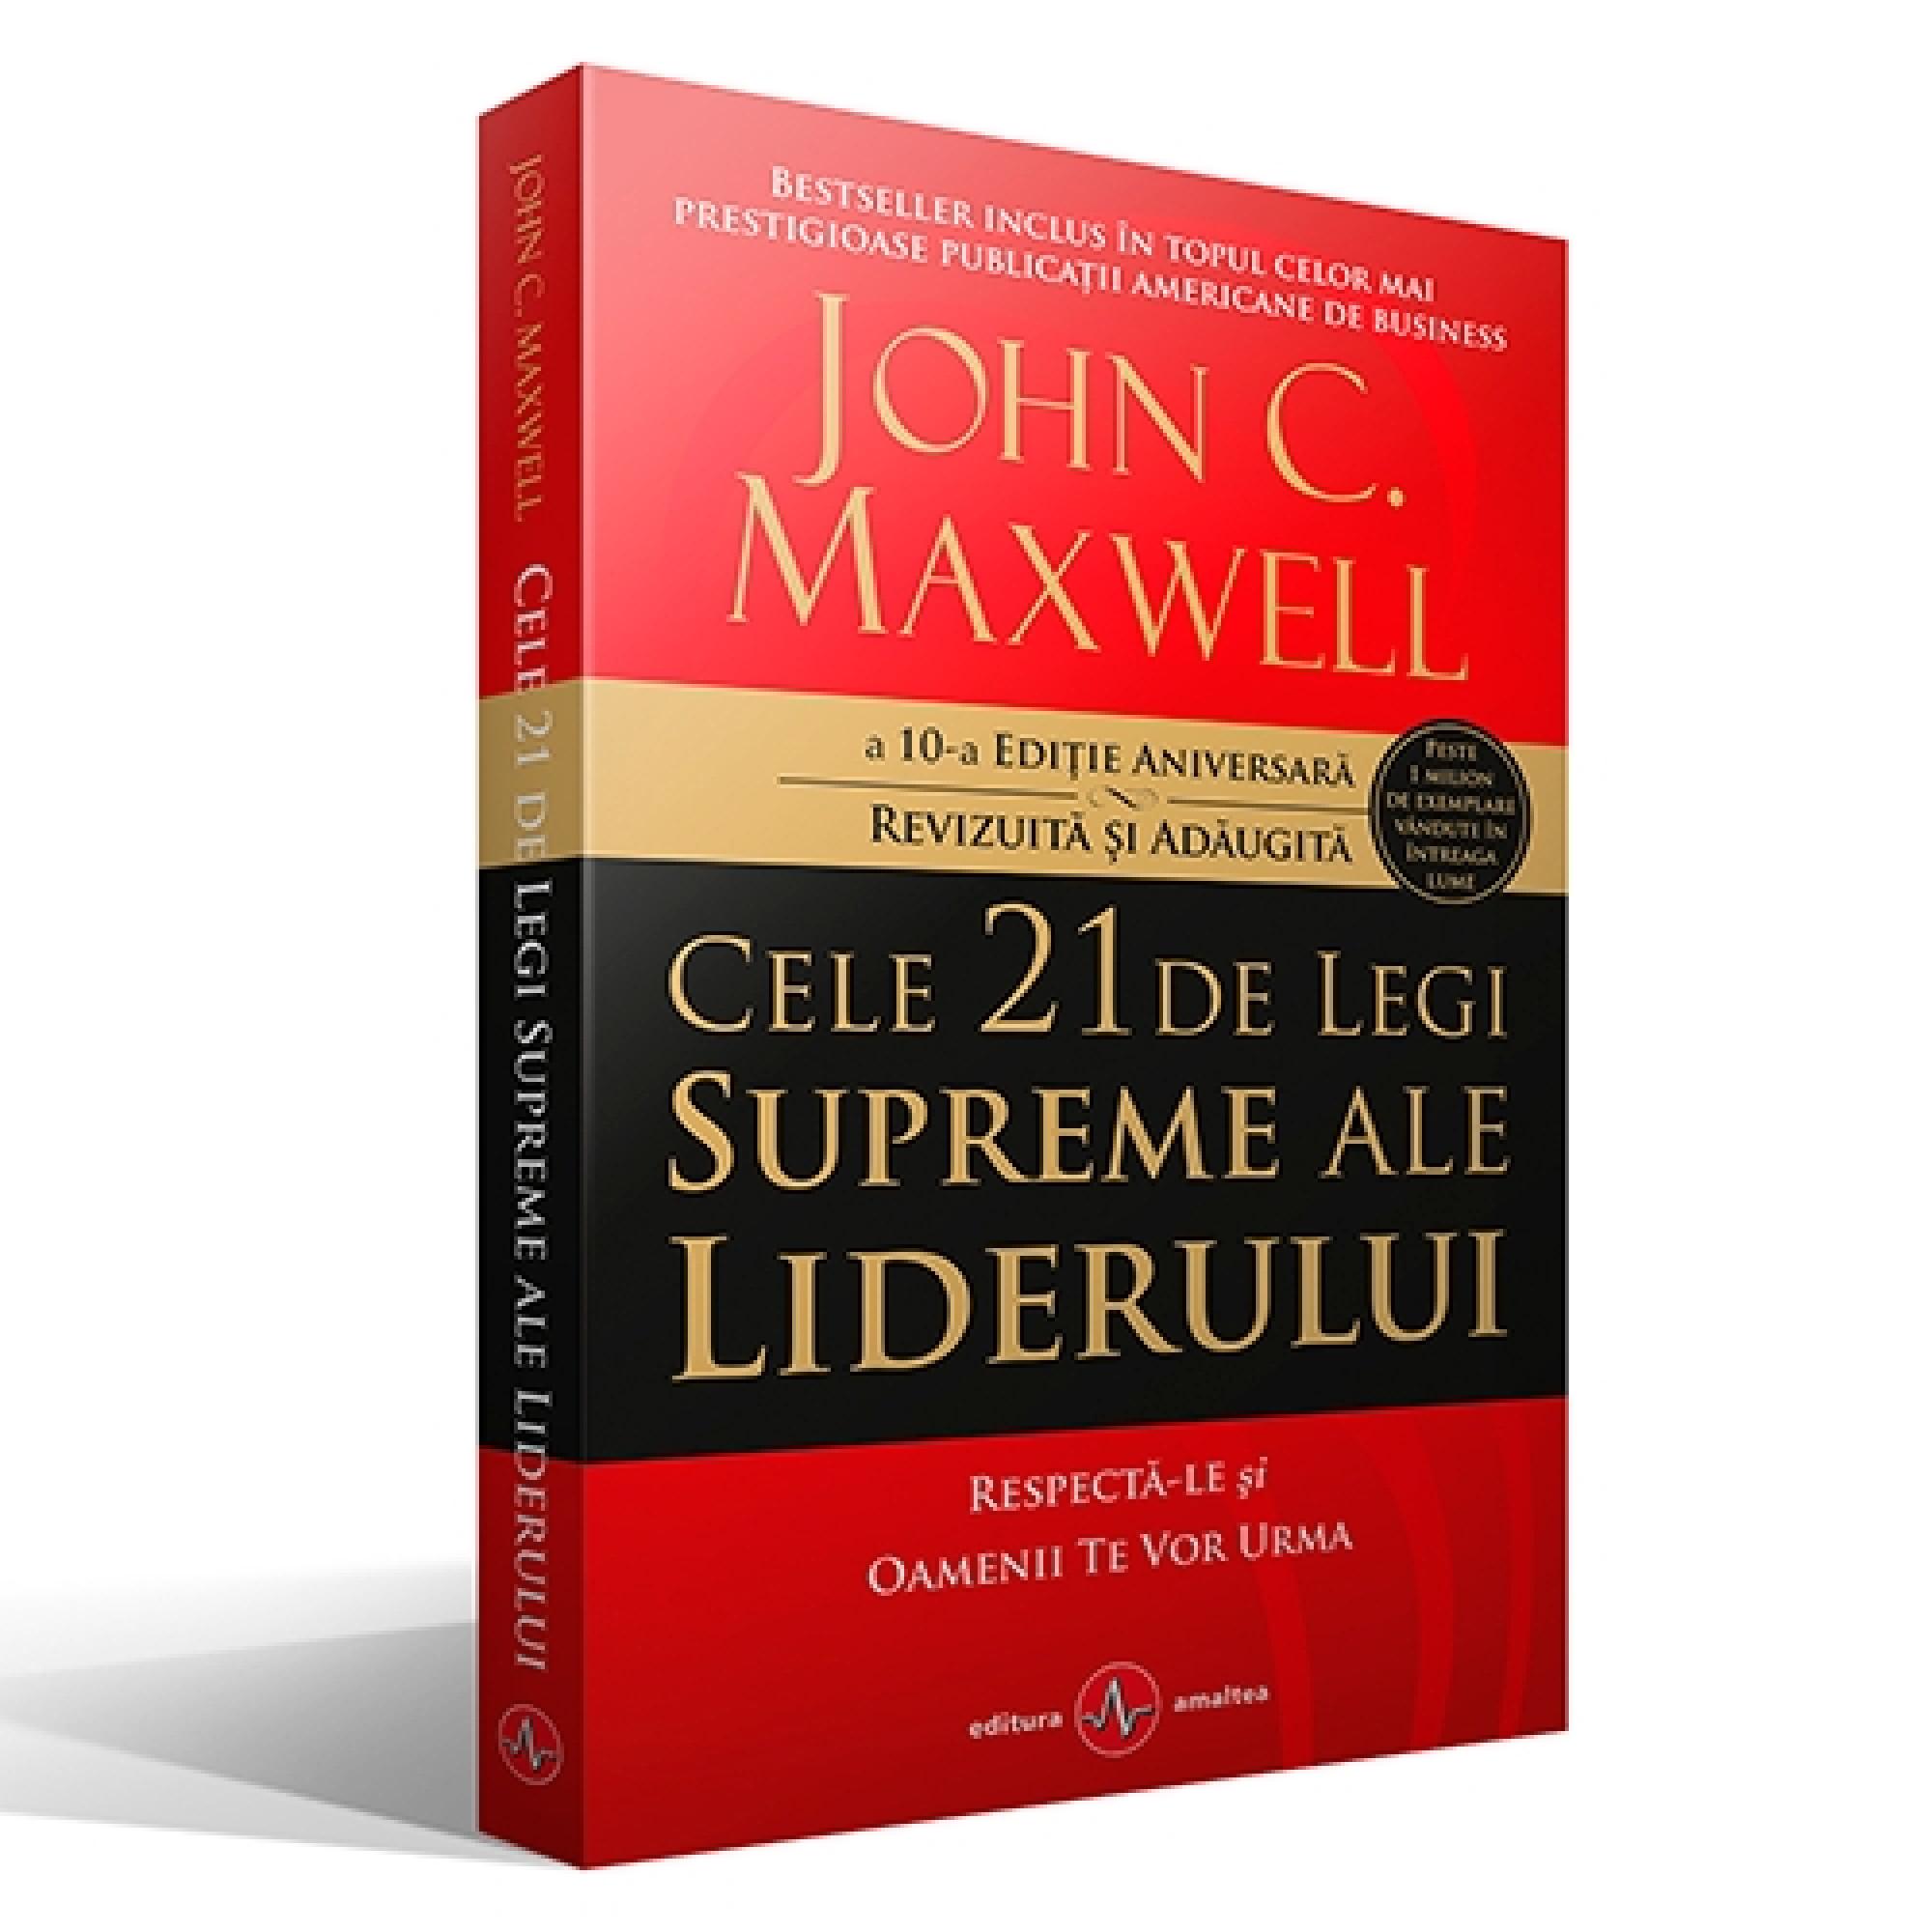 Cele 21 de legi supreme ale liderului. A 10-a ediție aniversară, revizuită și adăugită